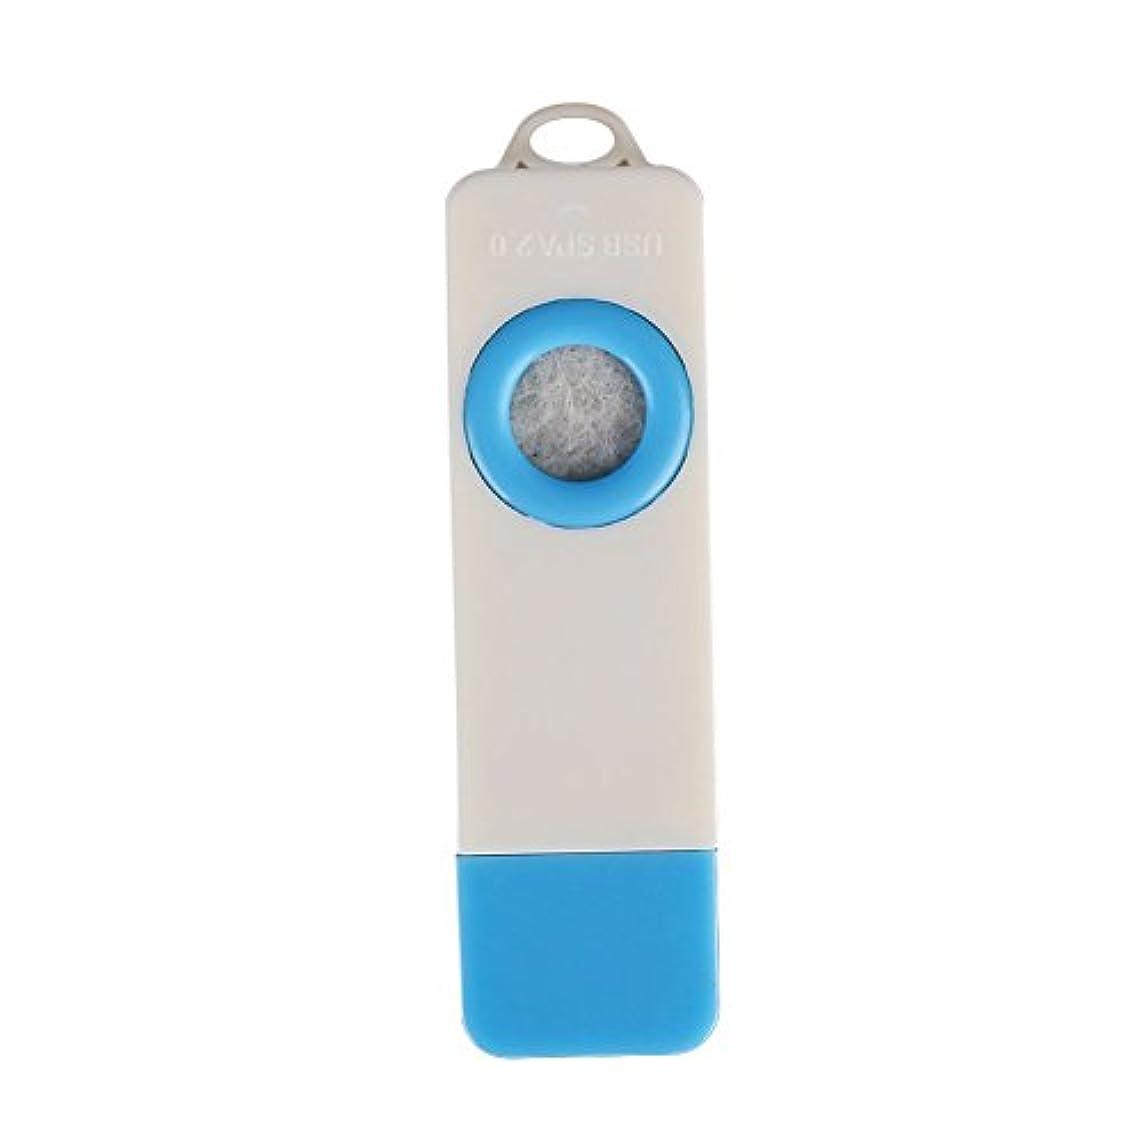 ブリードテナントフォークTOPmountain ファッションミニ USBアロマセラピーディフューザー ポータブル自動香 カーアクセサリーアクセサリー ホームアロマセラピー 健康アロマ オイル加湿器